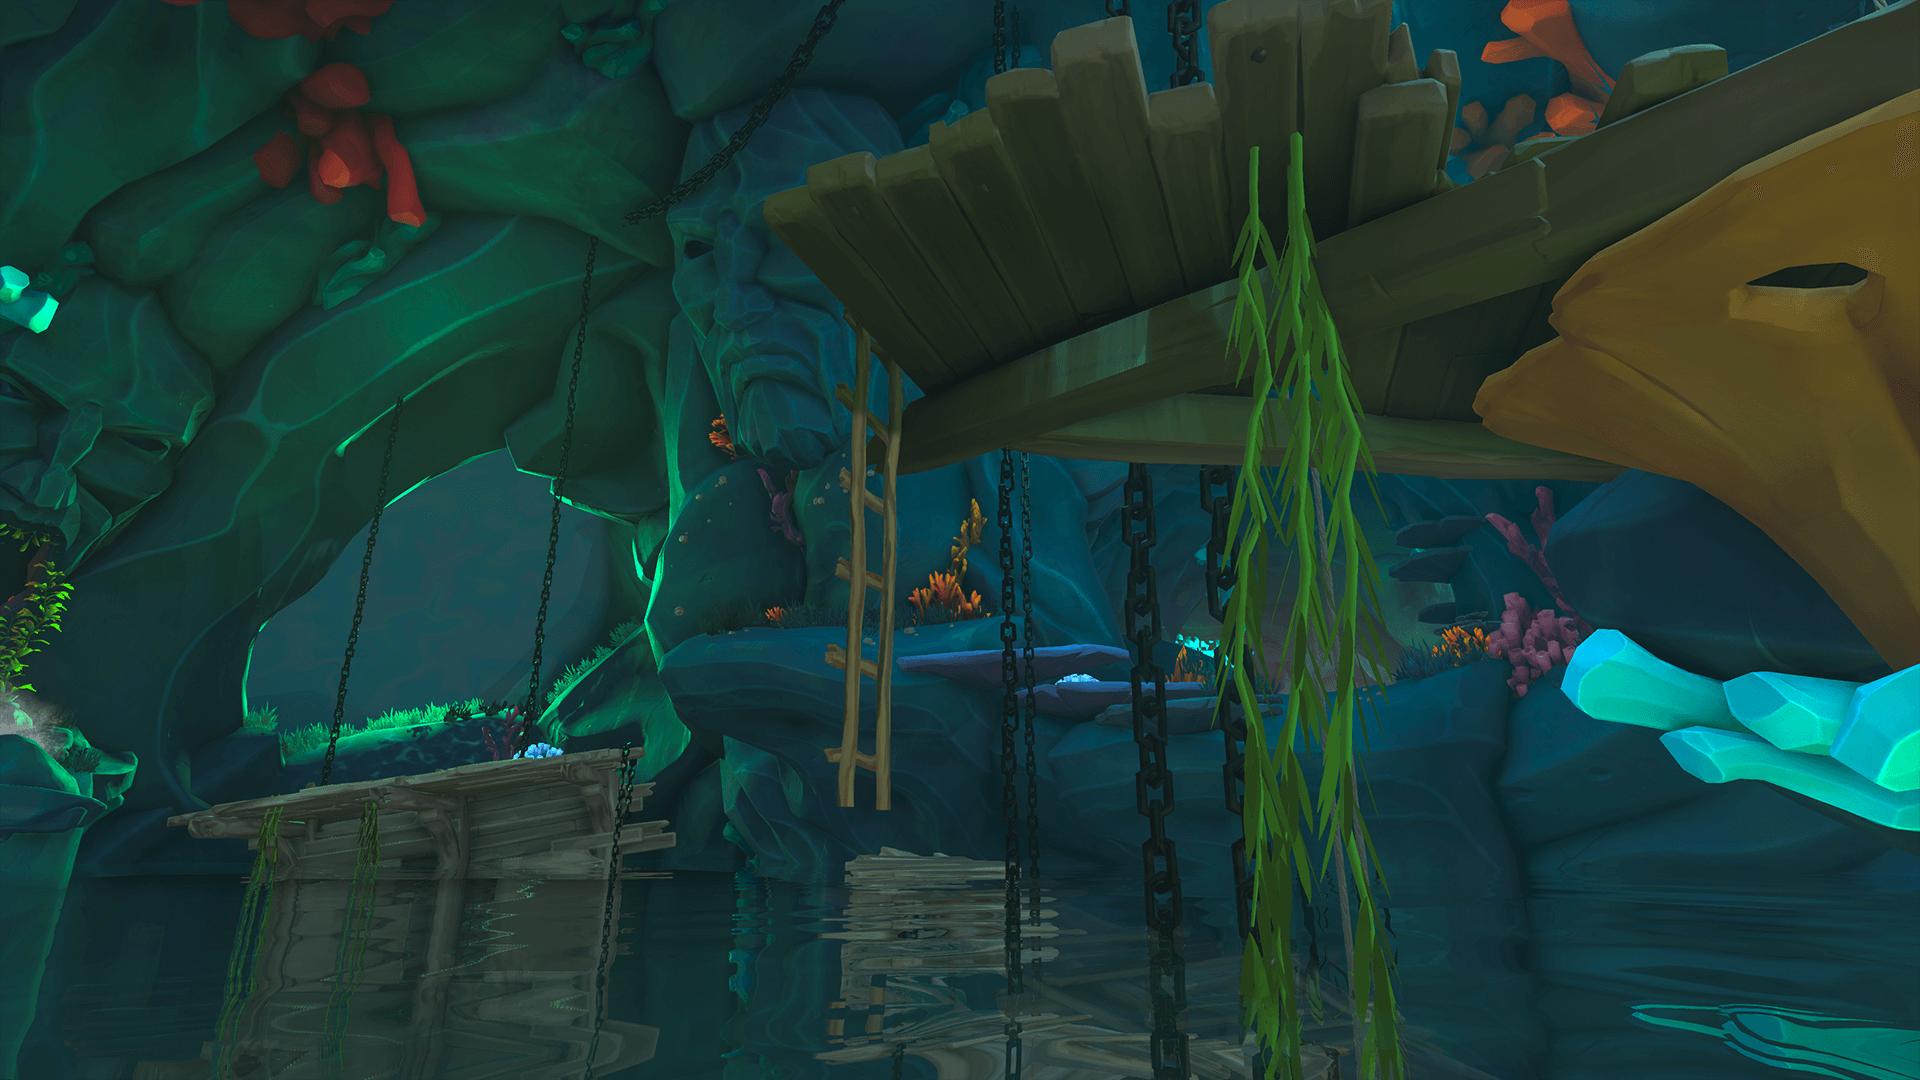 Citadel-Cavern 3-Climb the Ladder